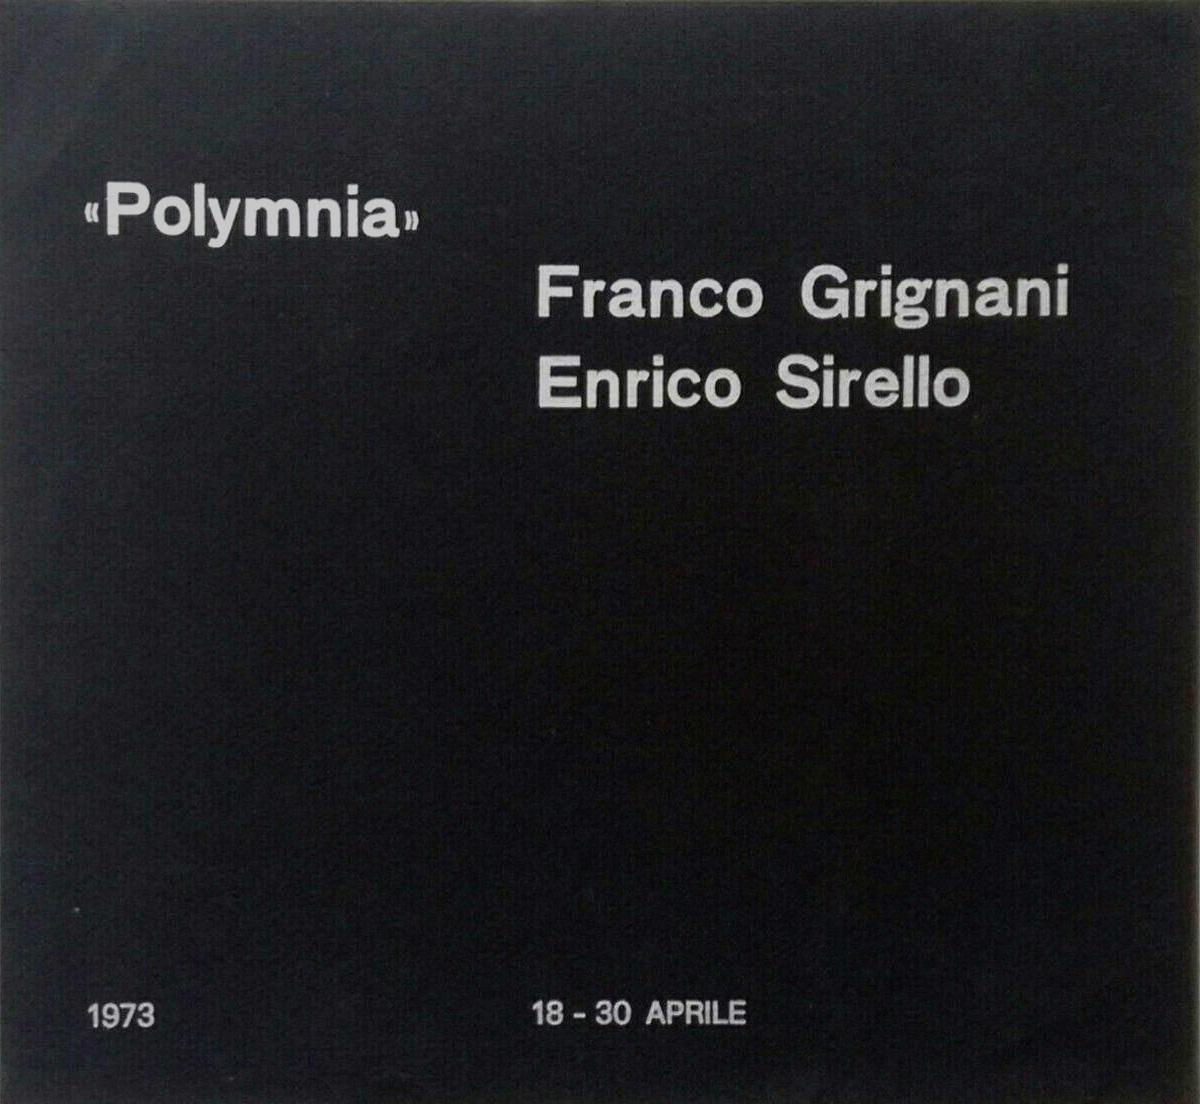 Franco Grignani, Galleria Polymnia, 1973